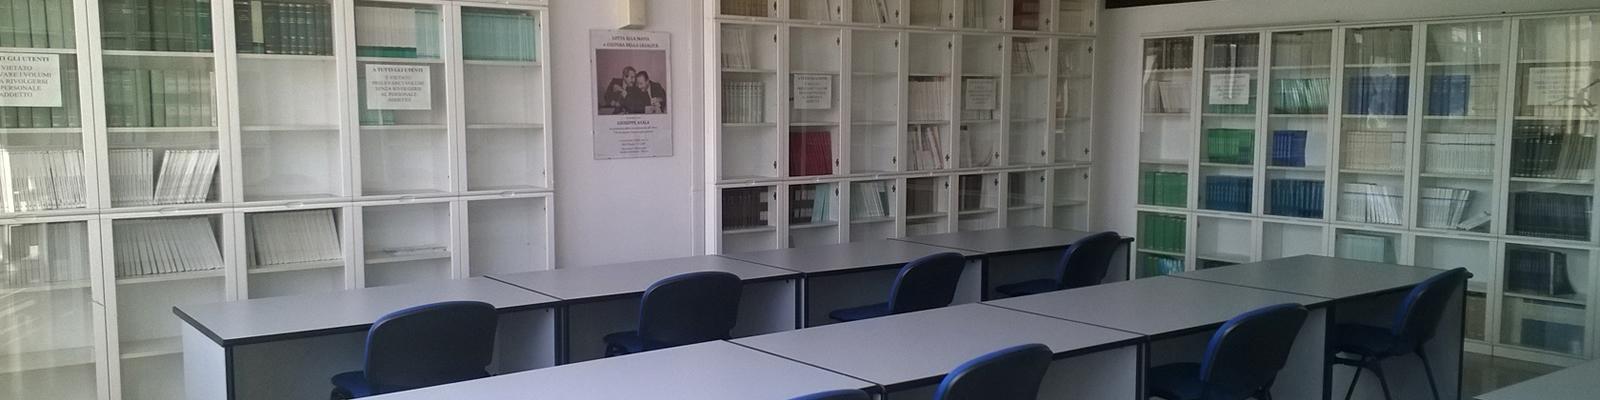 Biblioteca del Dipartimento di Scienze Giuridiche e Sociali - SGS